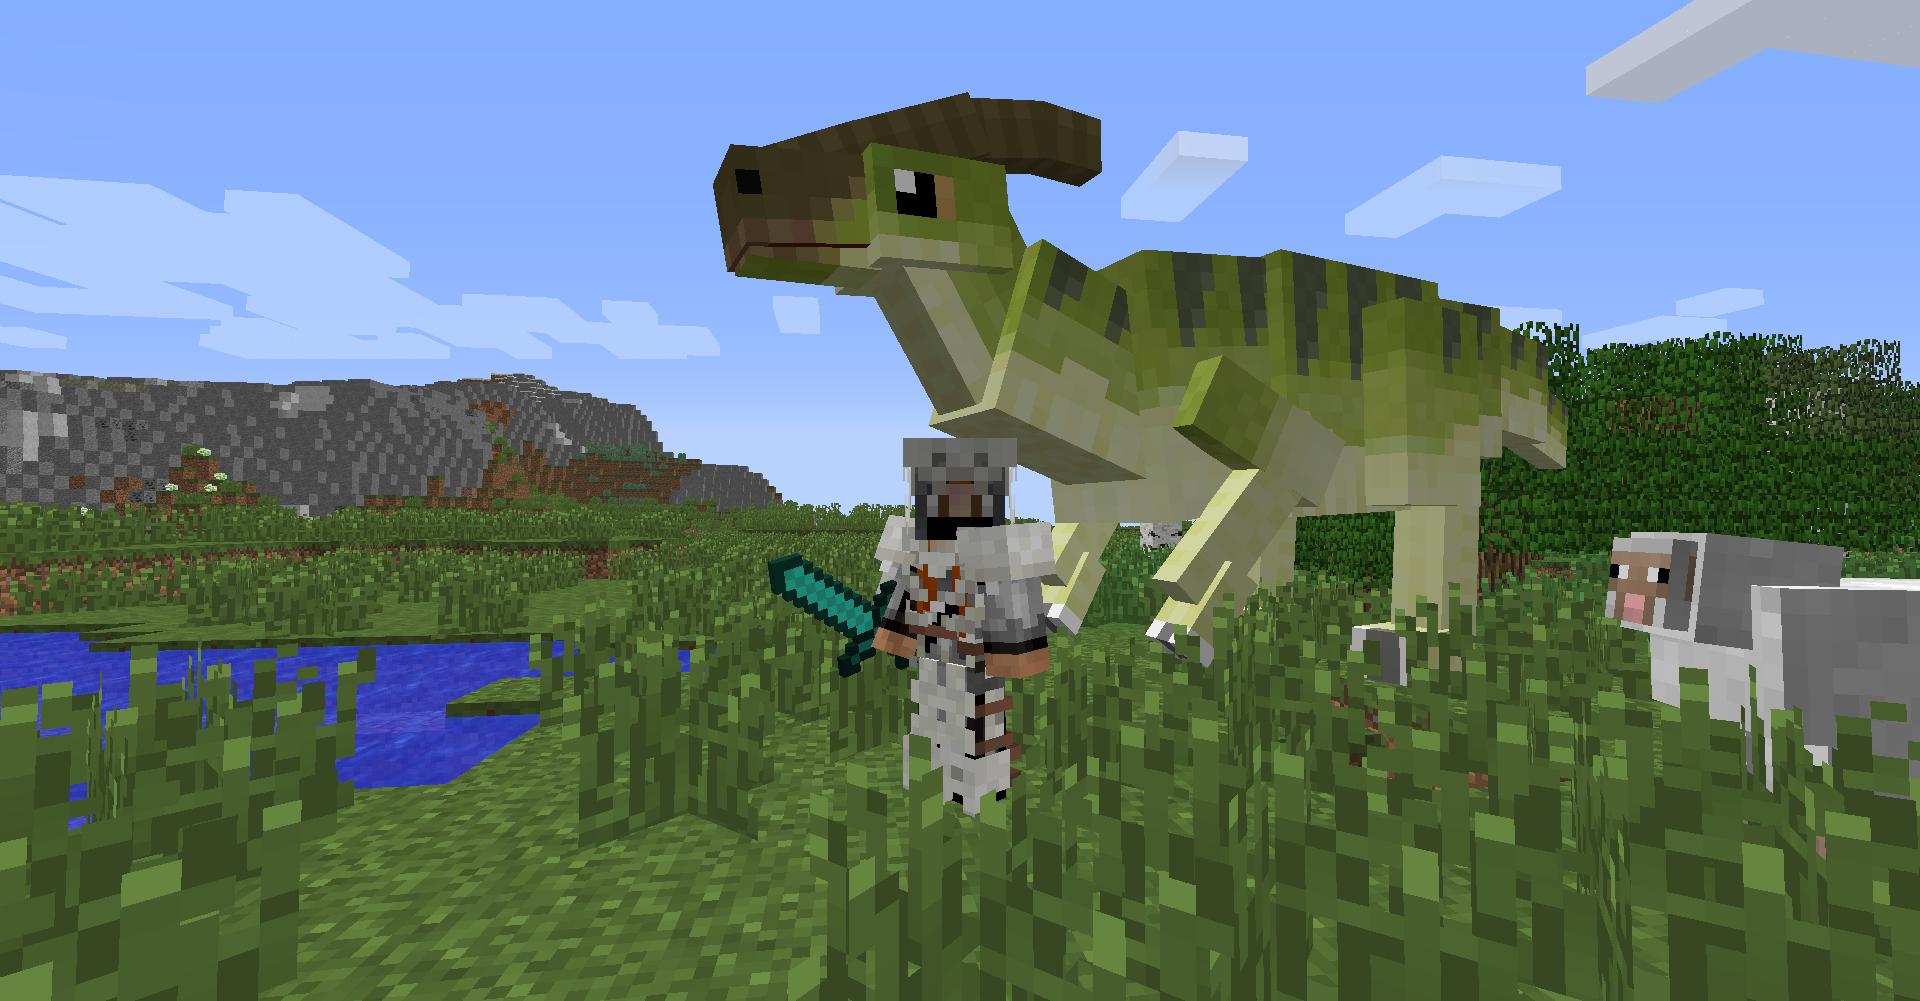 Мод на динозавров в майнкрафт 1.7.10